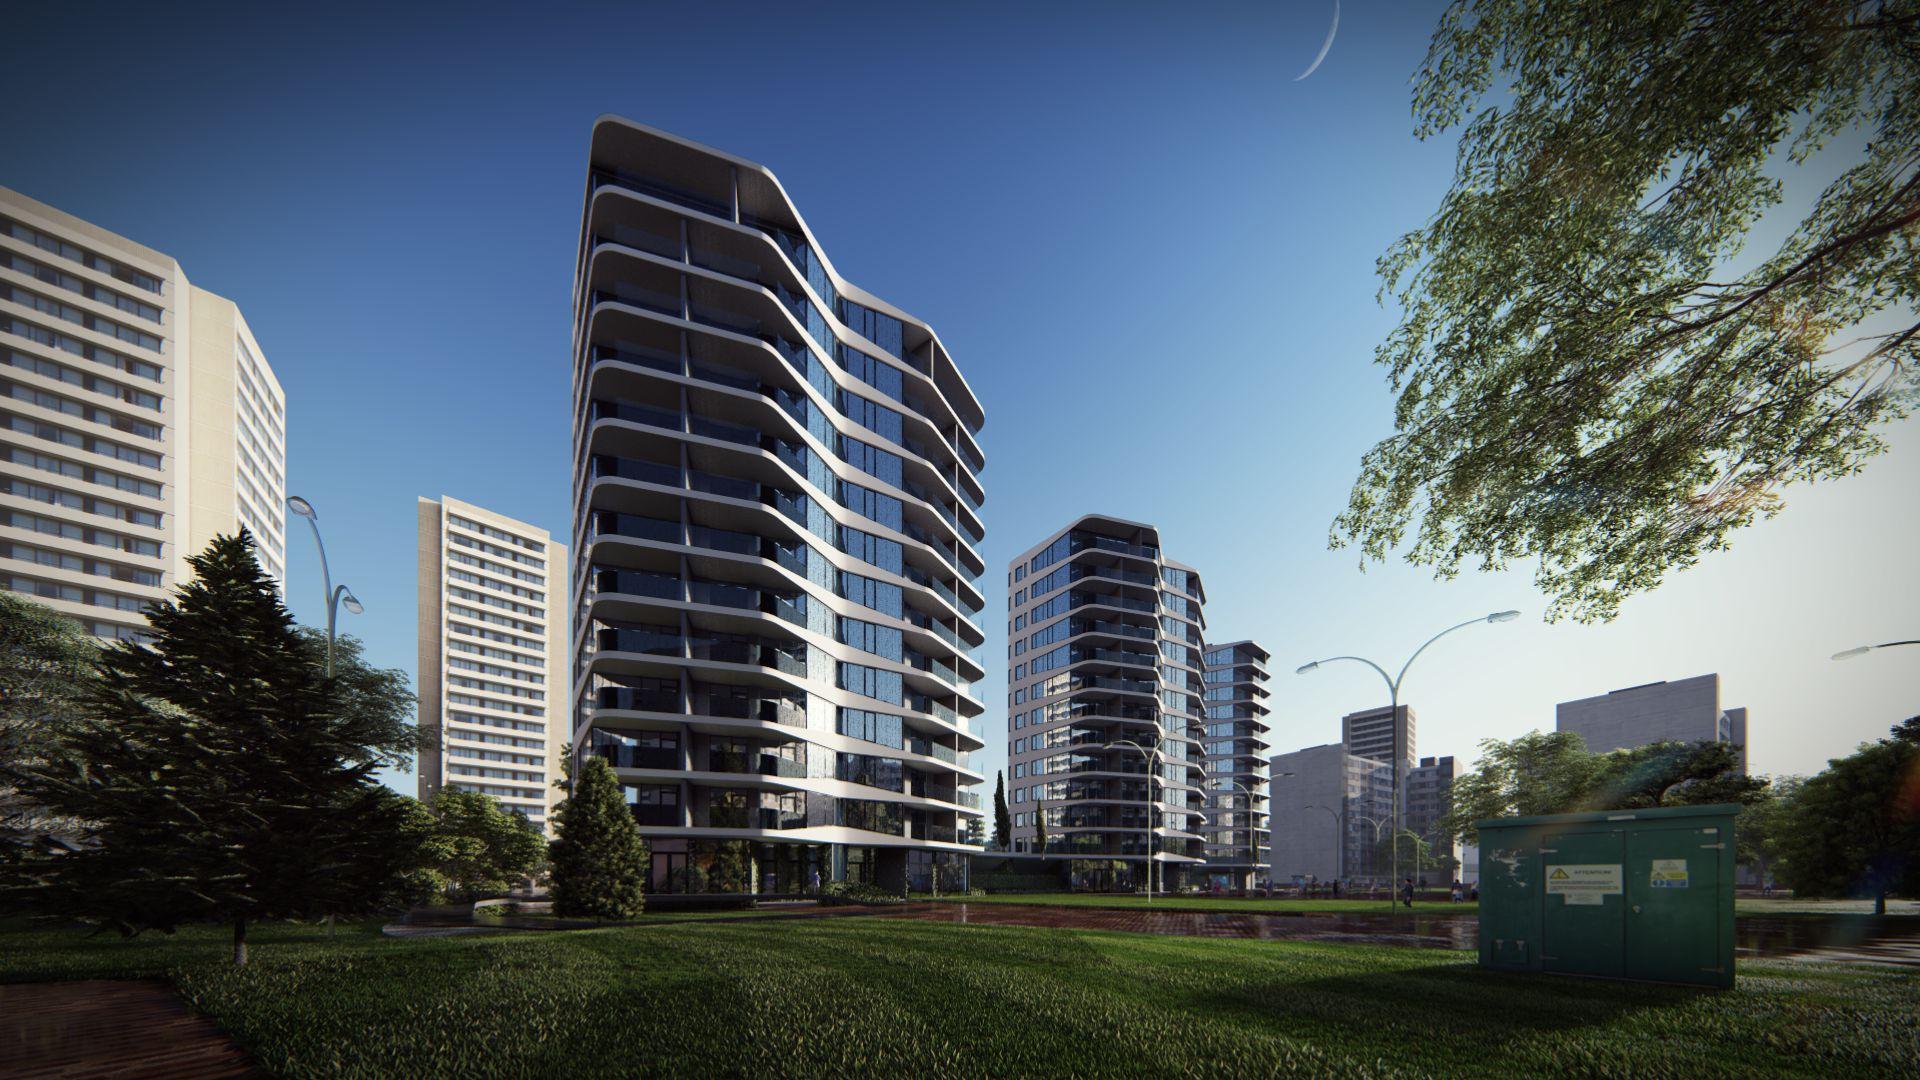 arhitektuurne 3d visualiseerimine skyline 5 3